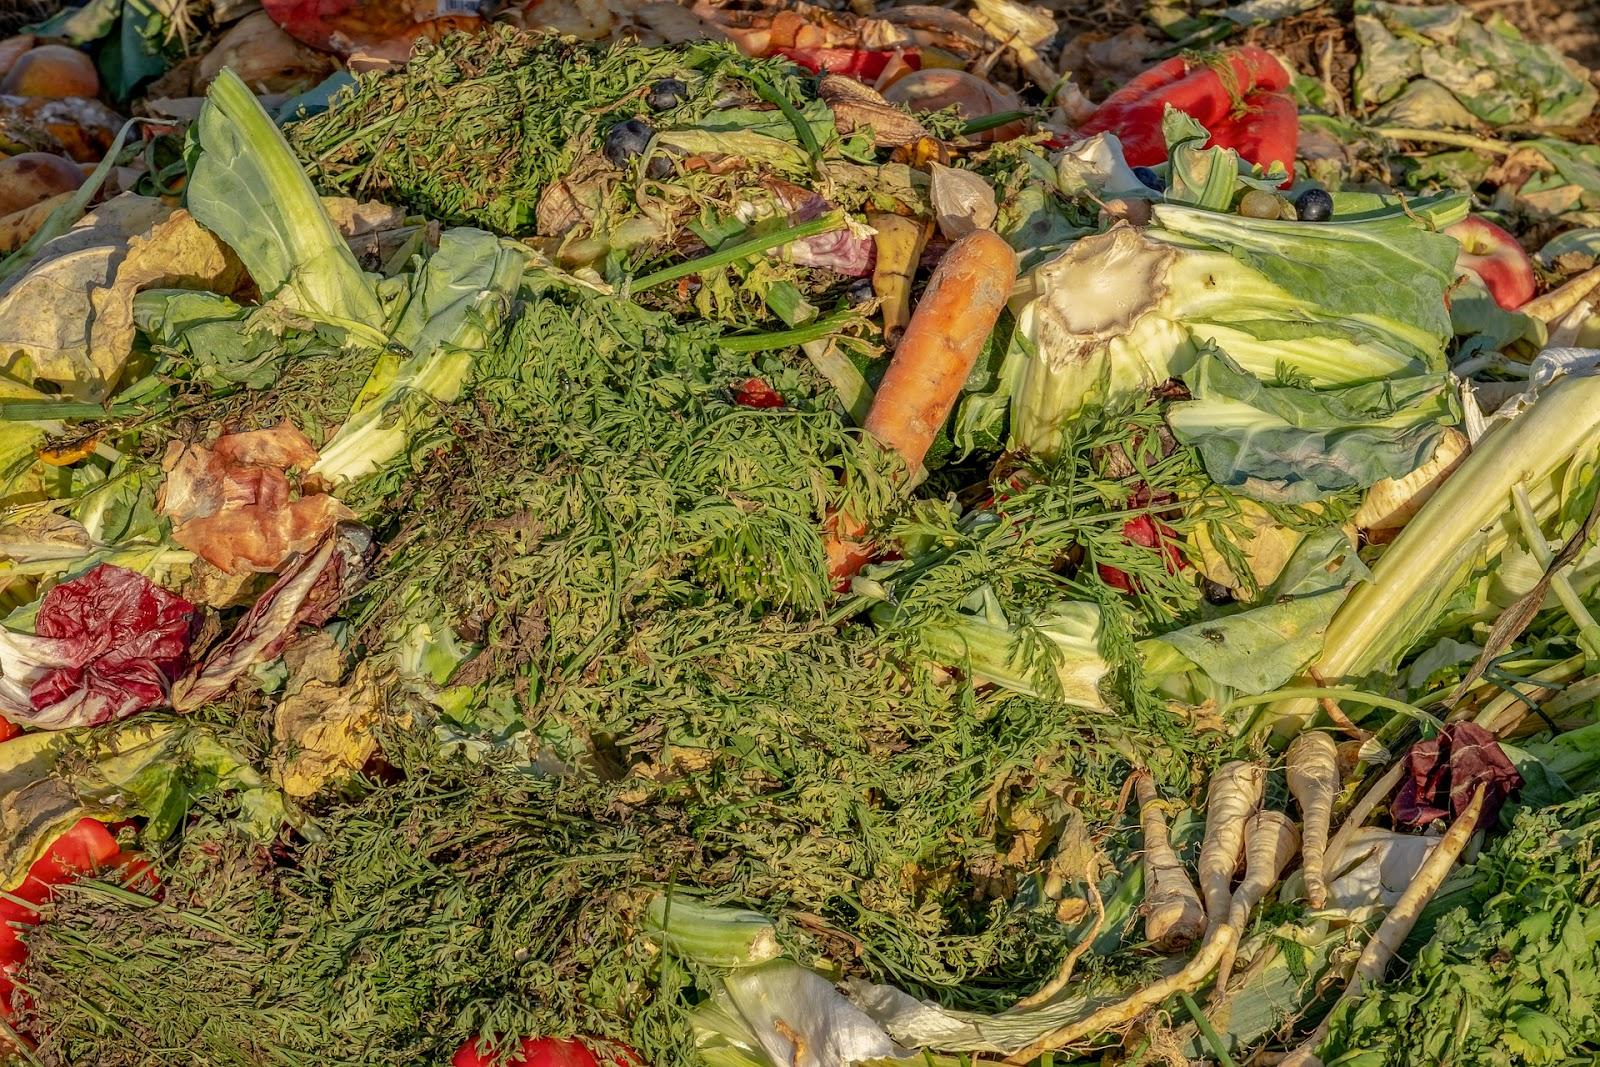 Residuos orgânicos podem se transformar em matéria para energia sustentável (Fonte: Pixabay)